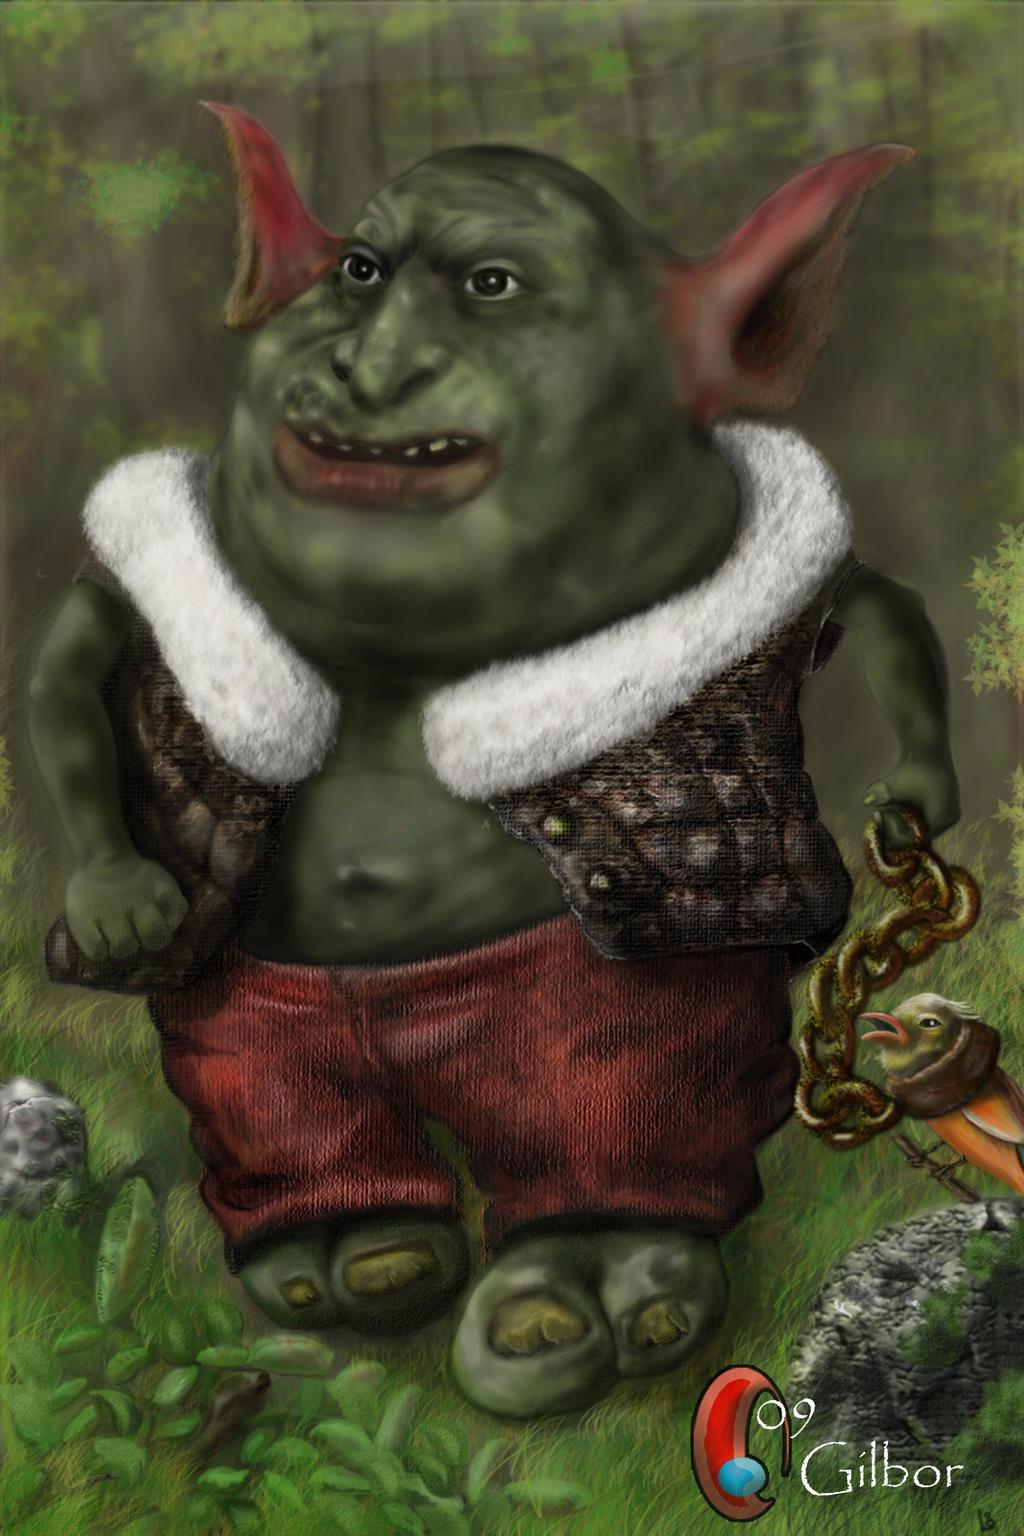 Elf goblin nude scene